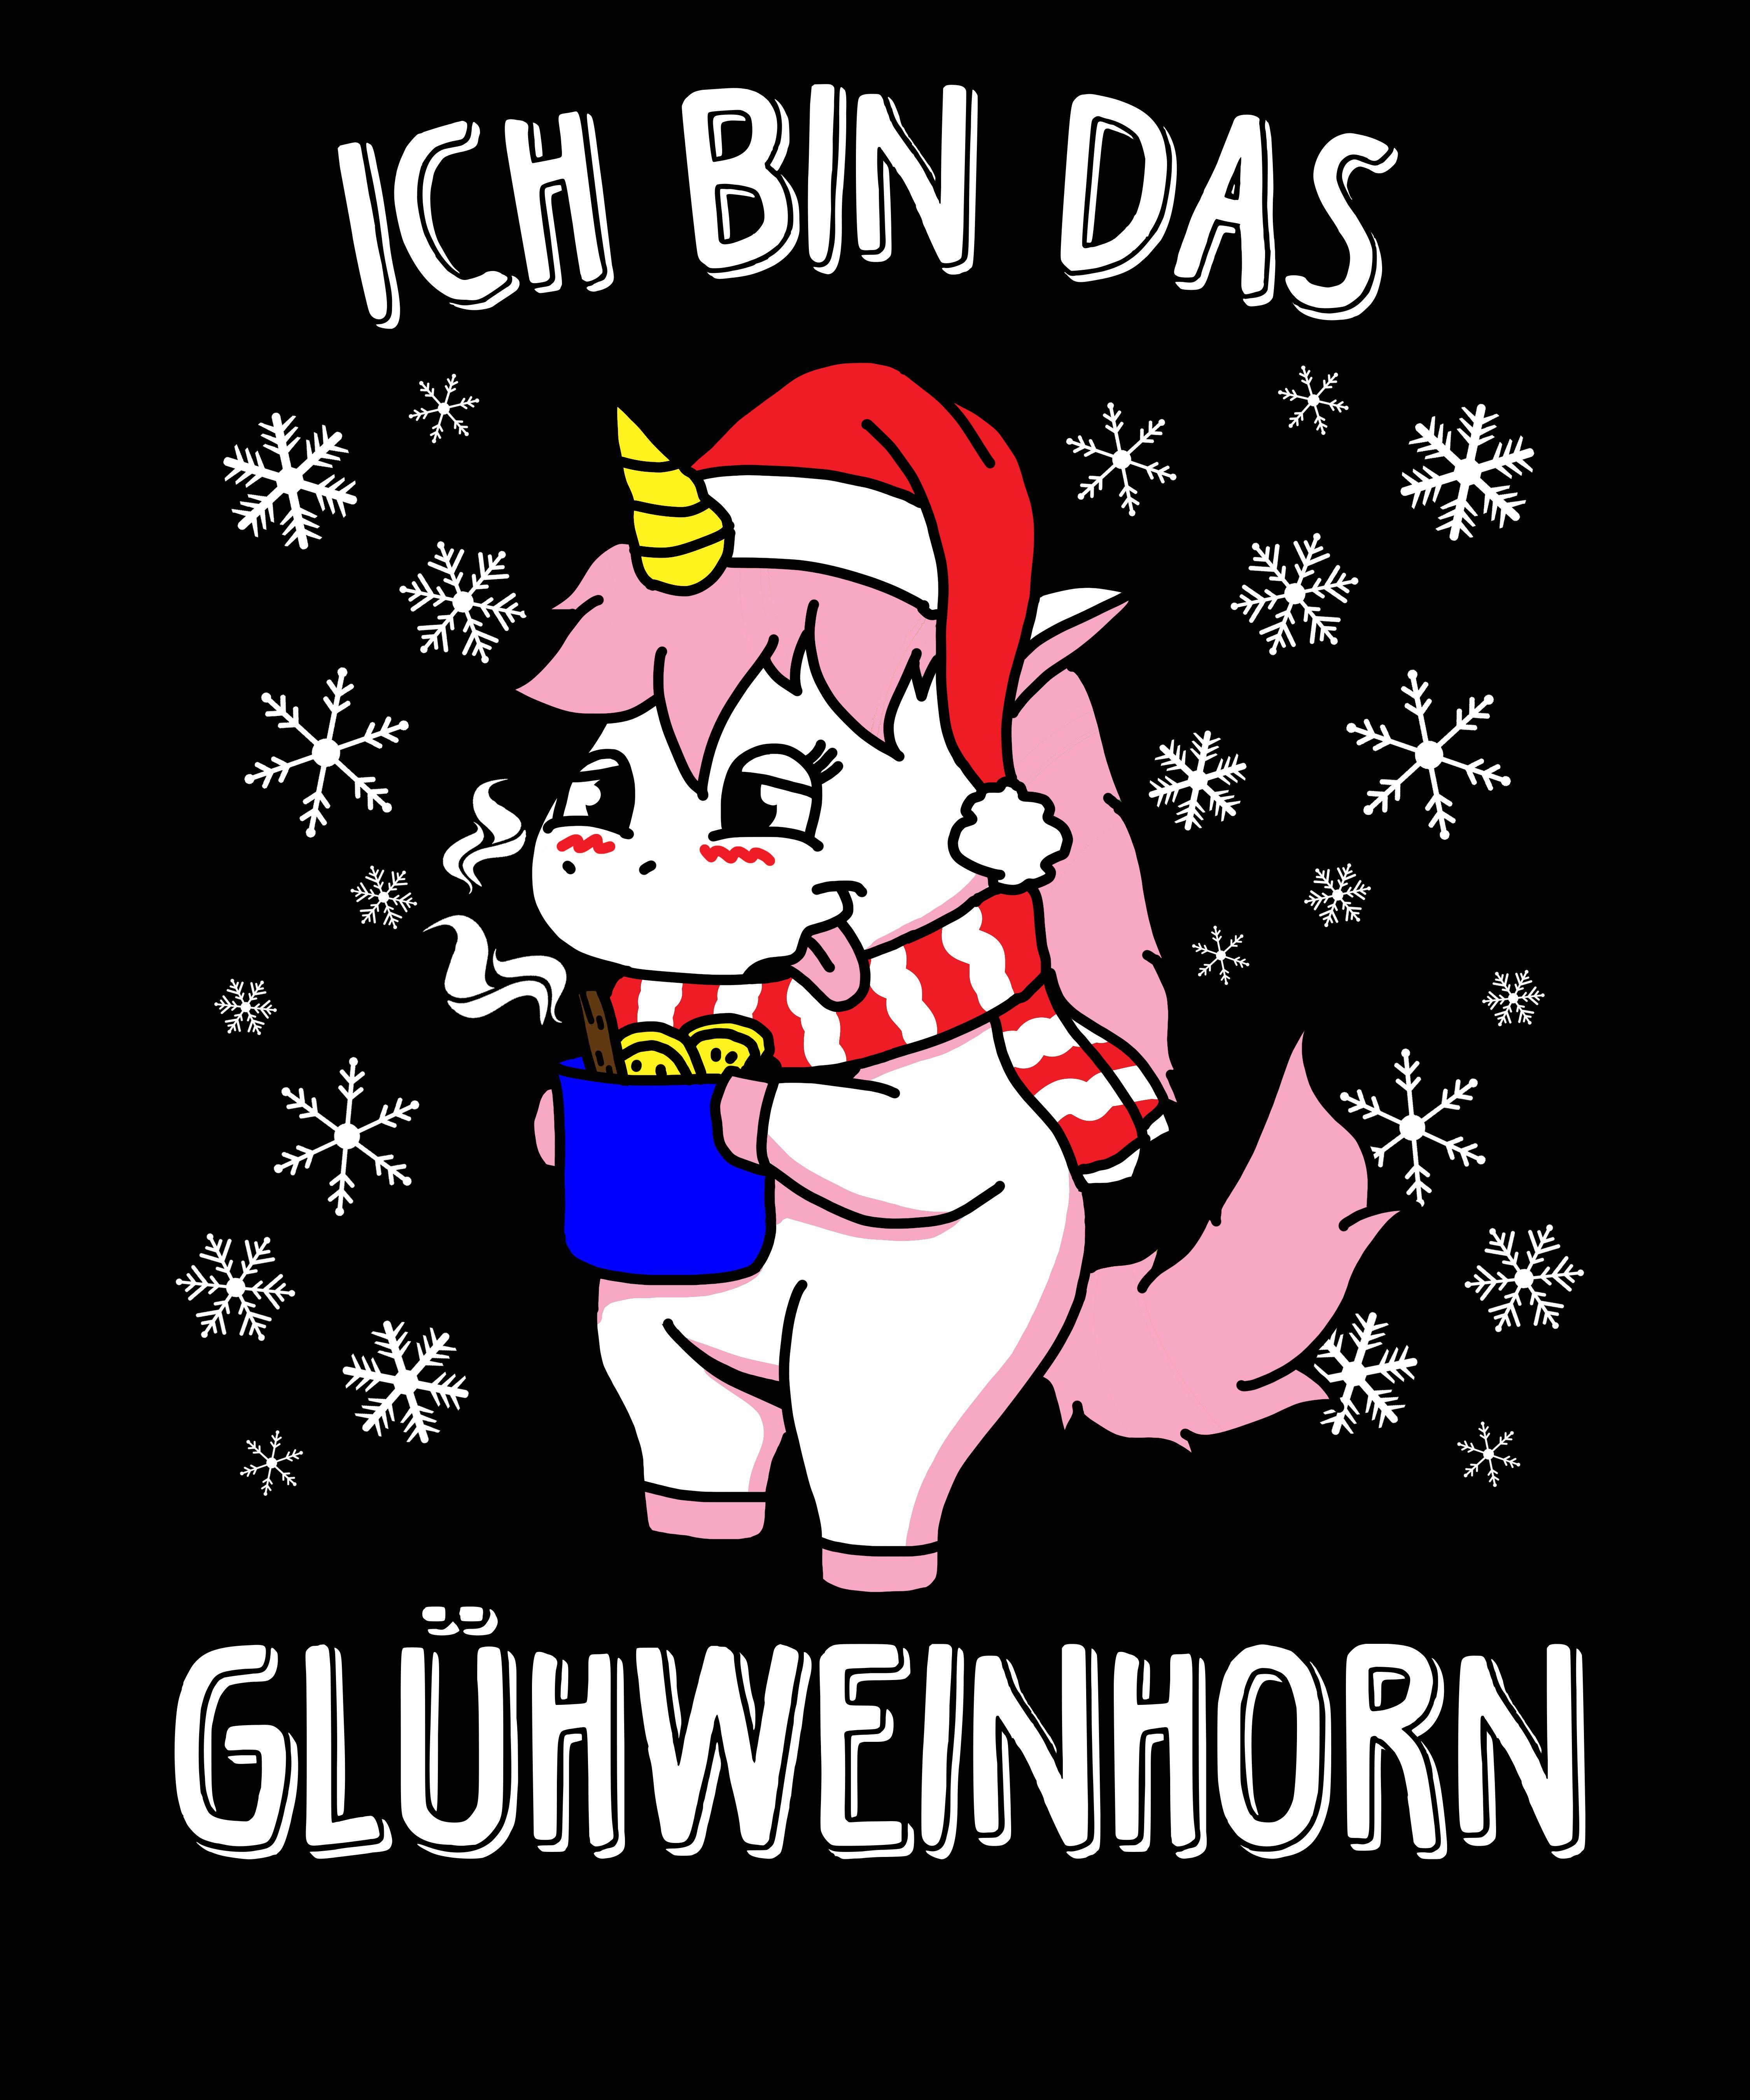 Ich bin das Glühweinhorn #weihnachtssprüchelustig